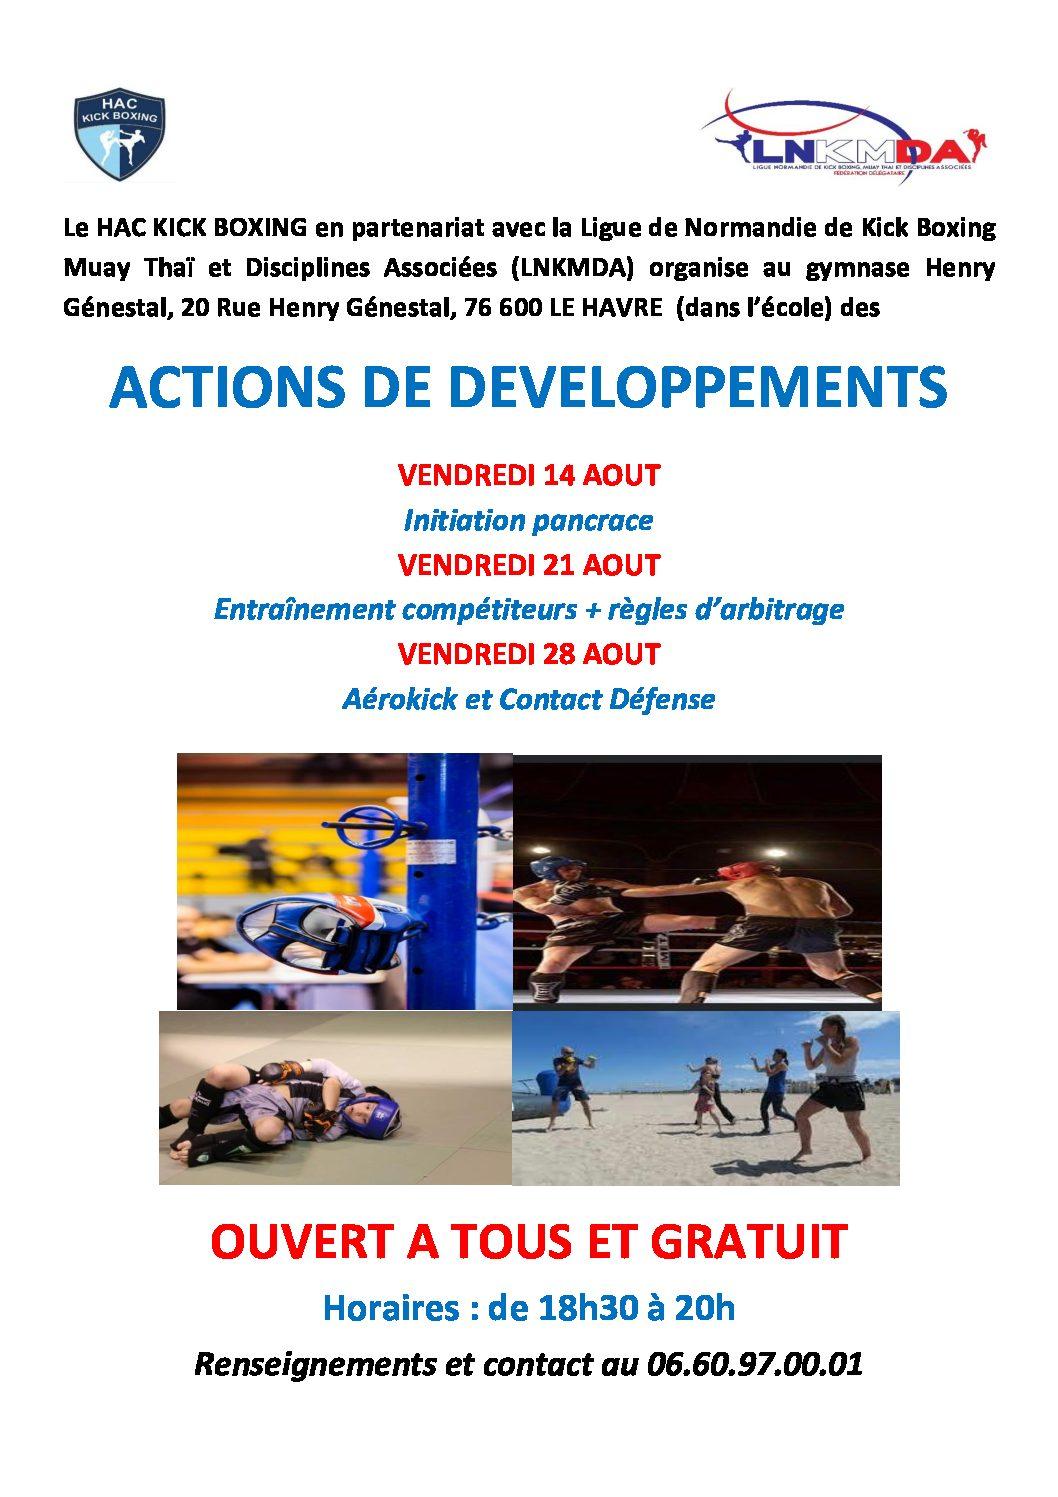 Actions de développement organisées en août par le HAC Kick Boxing en partenariat avec la LNKMDA